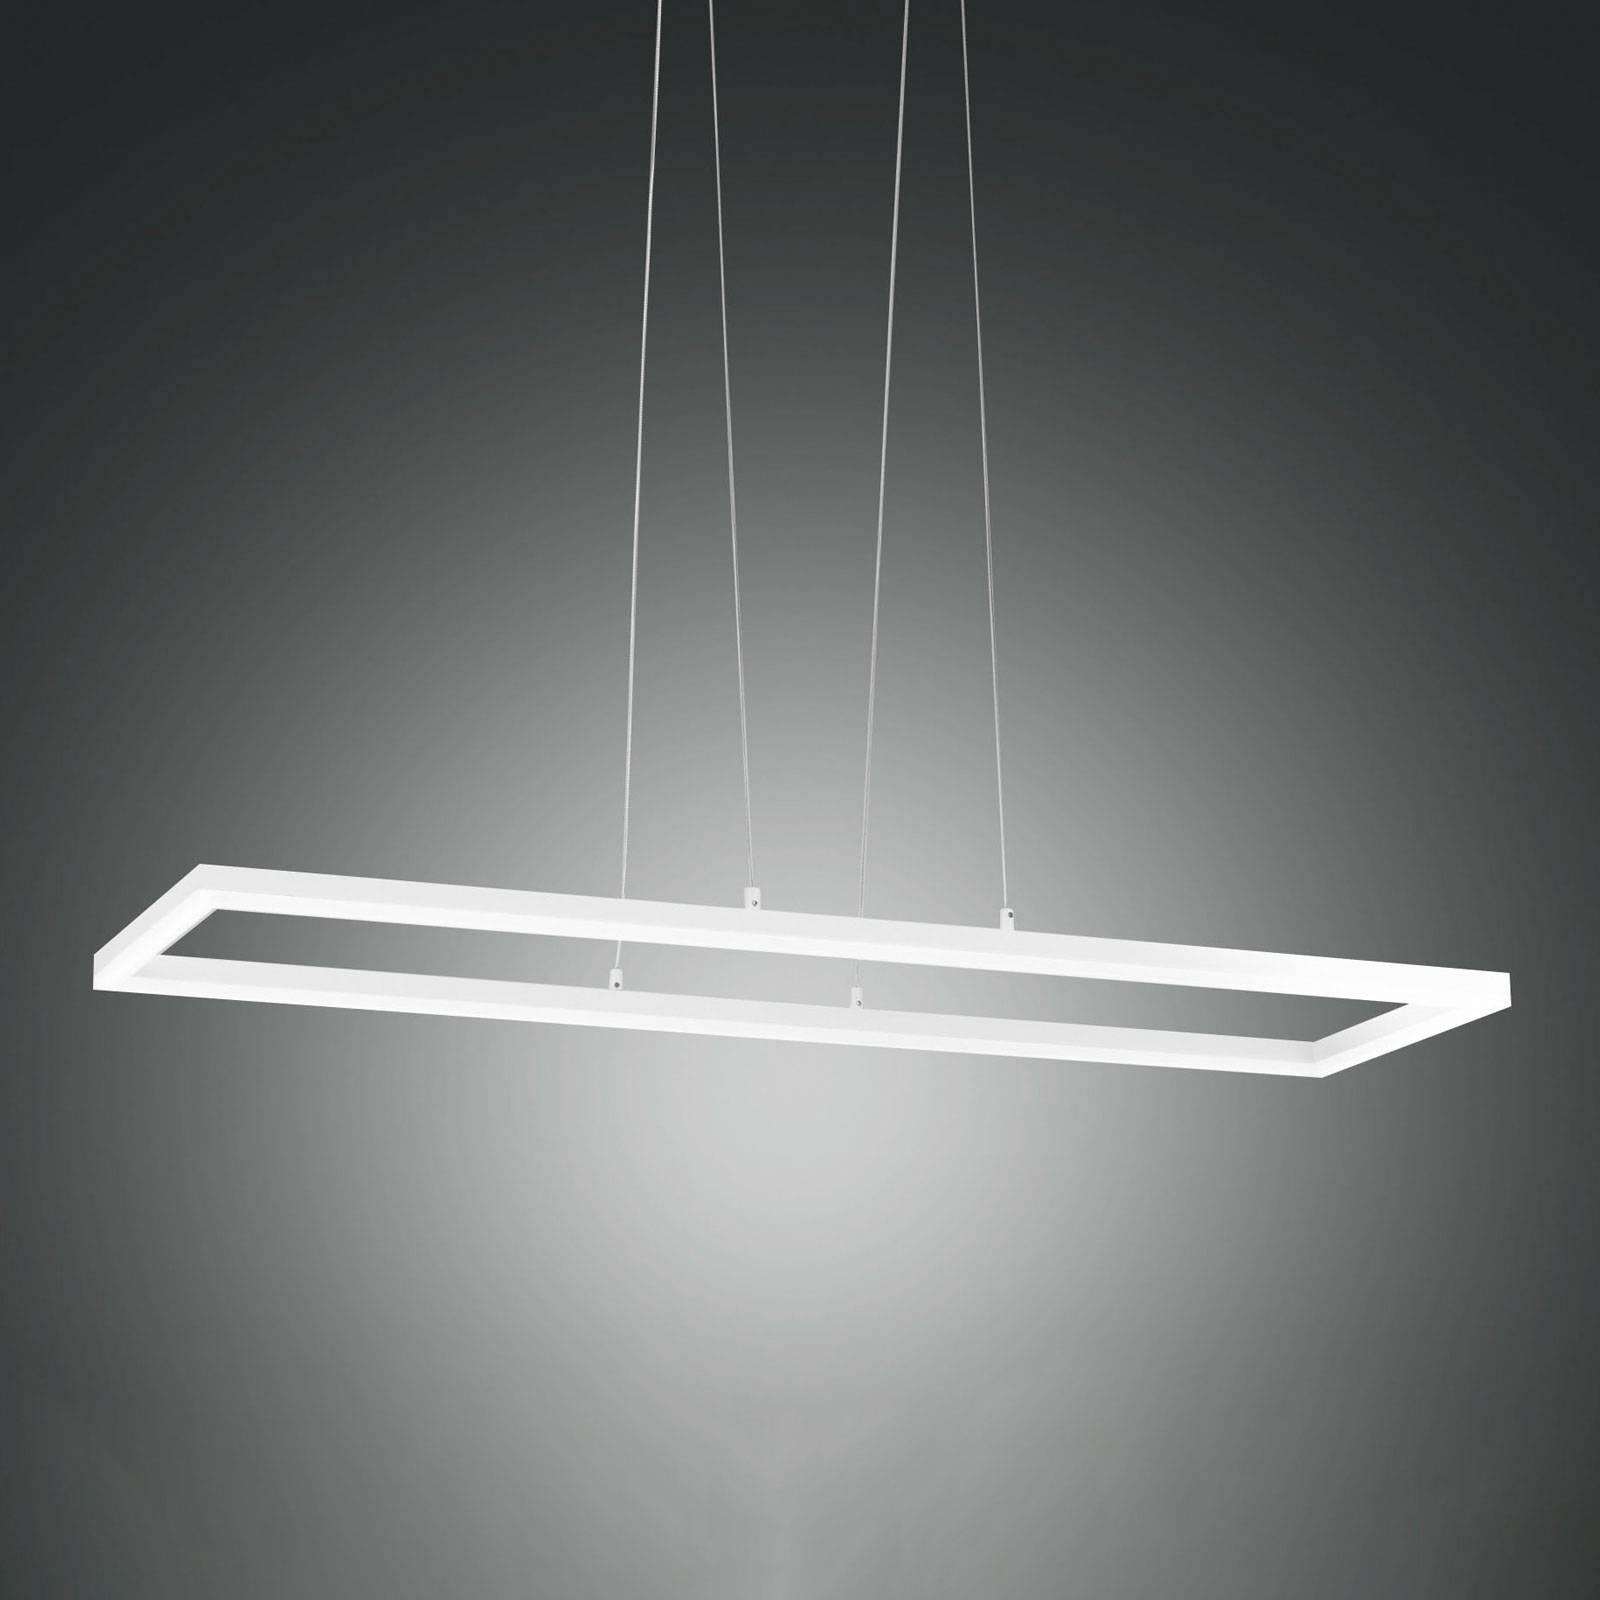 LED-riippuvalaisin Bard, 92x32 cm valkoinen